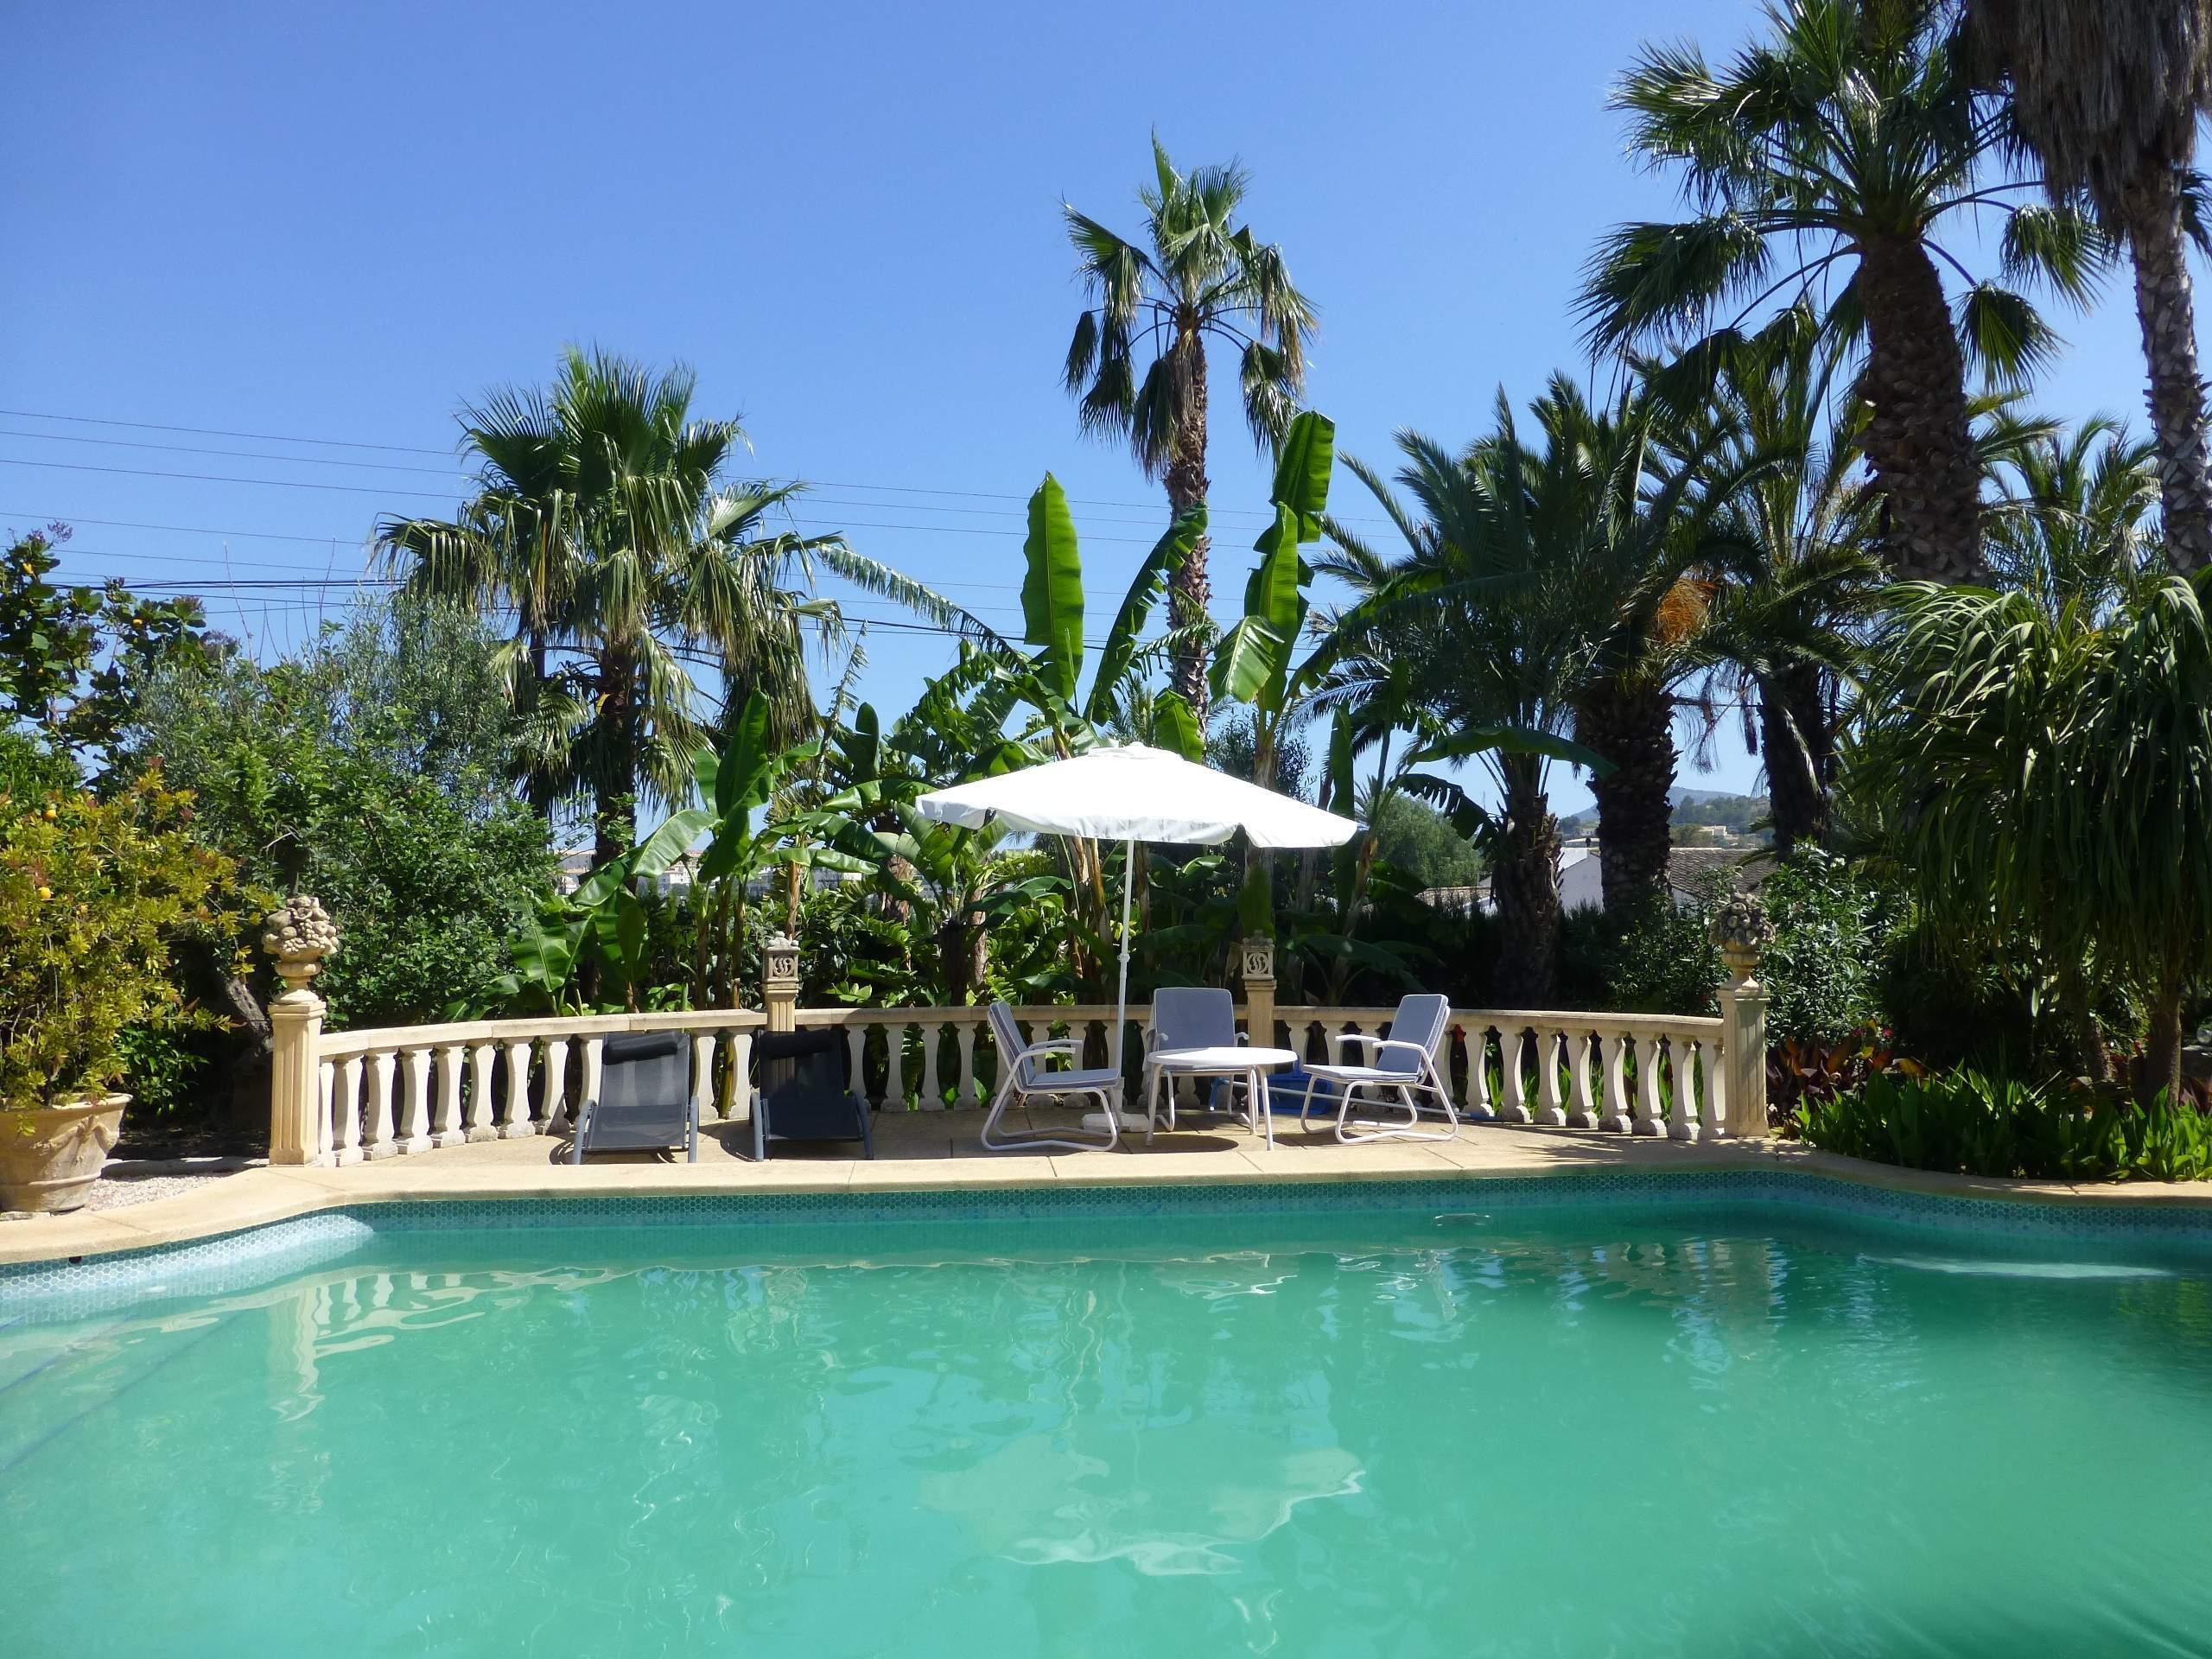 Chalet   Villa en venta en Altea, con gran piscina y jardines